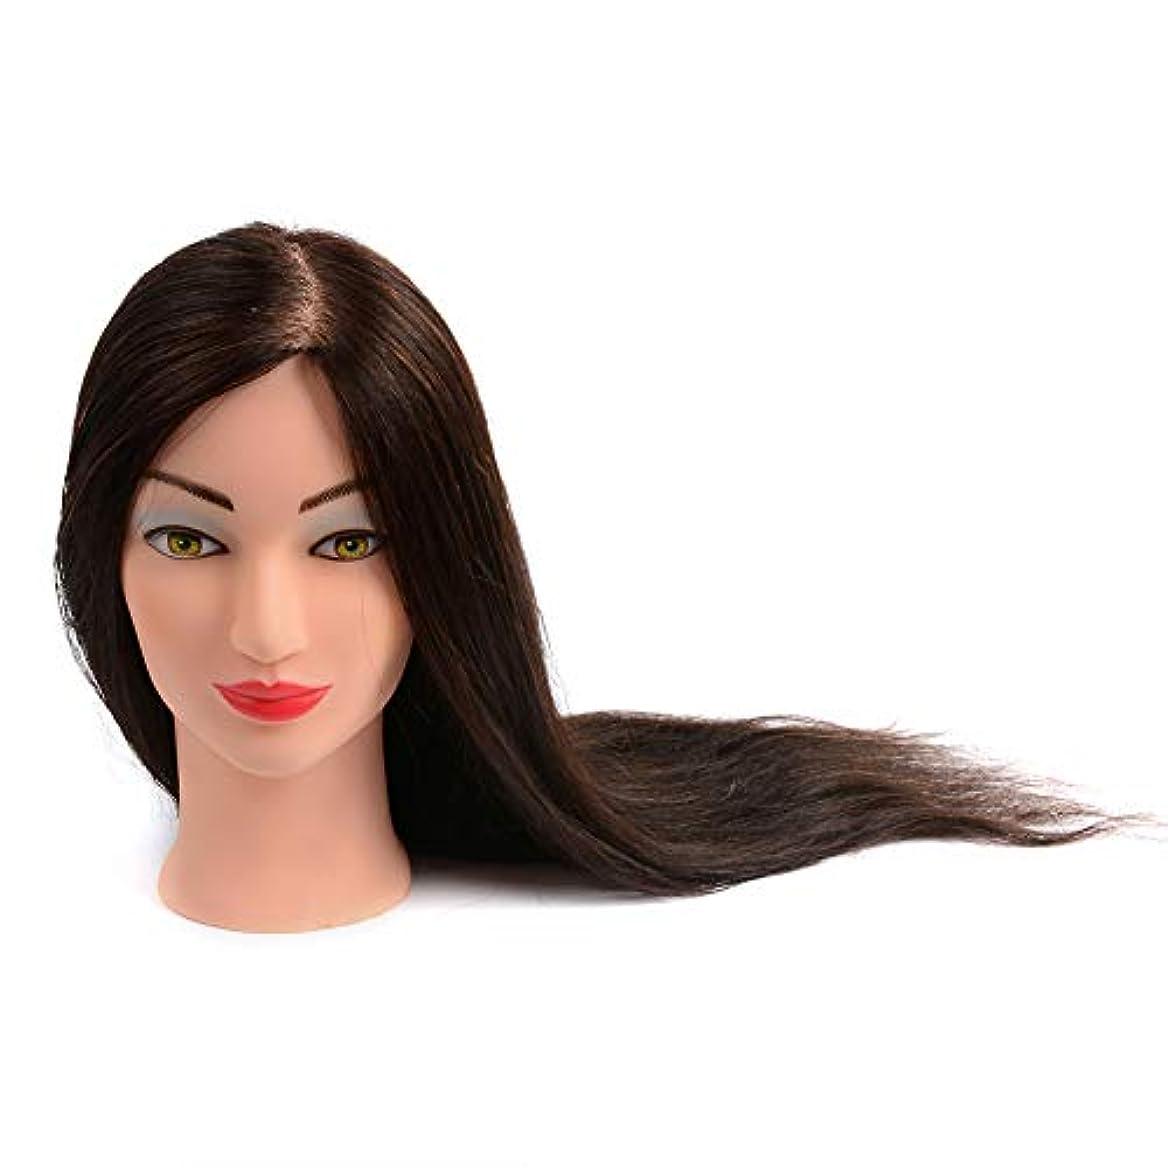 認知イベント獣サロン散髪学習ダミーヘッドブライダルメイクスタイリングプラクティスモデルの髪を染めることができ、漂白ティーチングヘッド